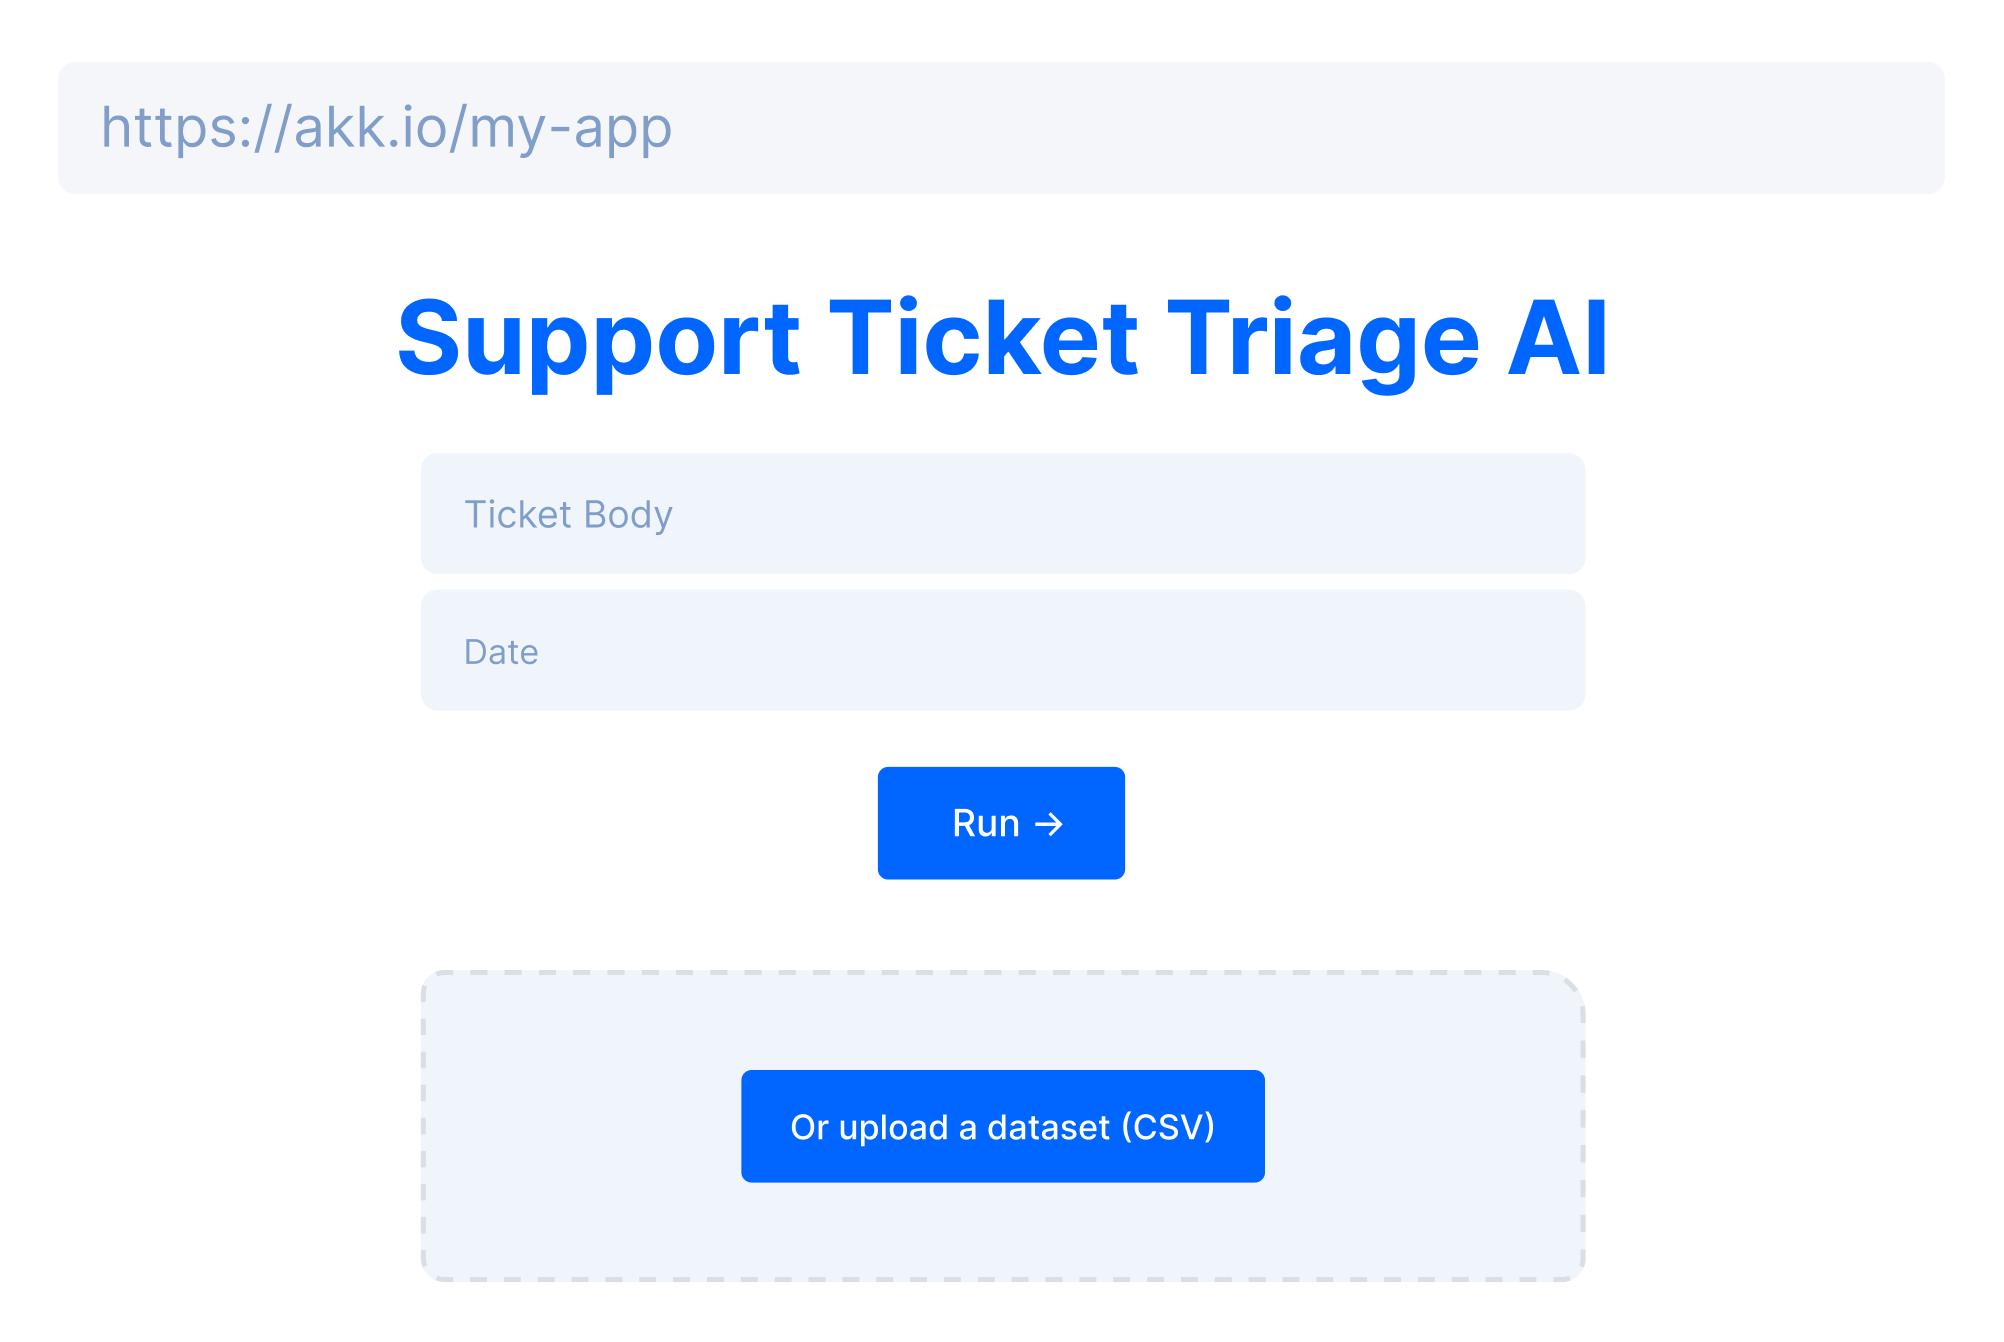 akkio support ticket triage